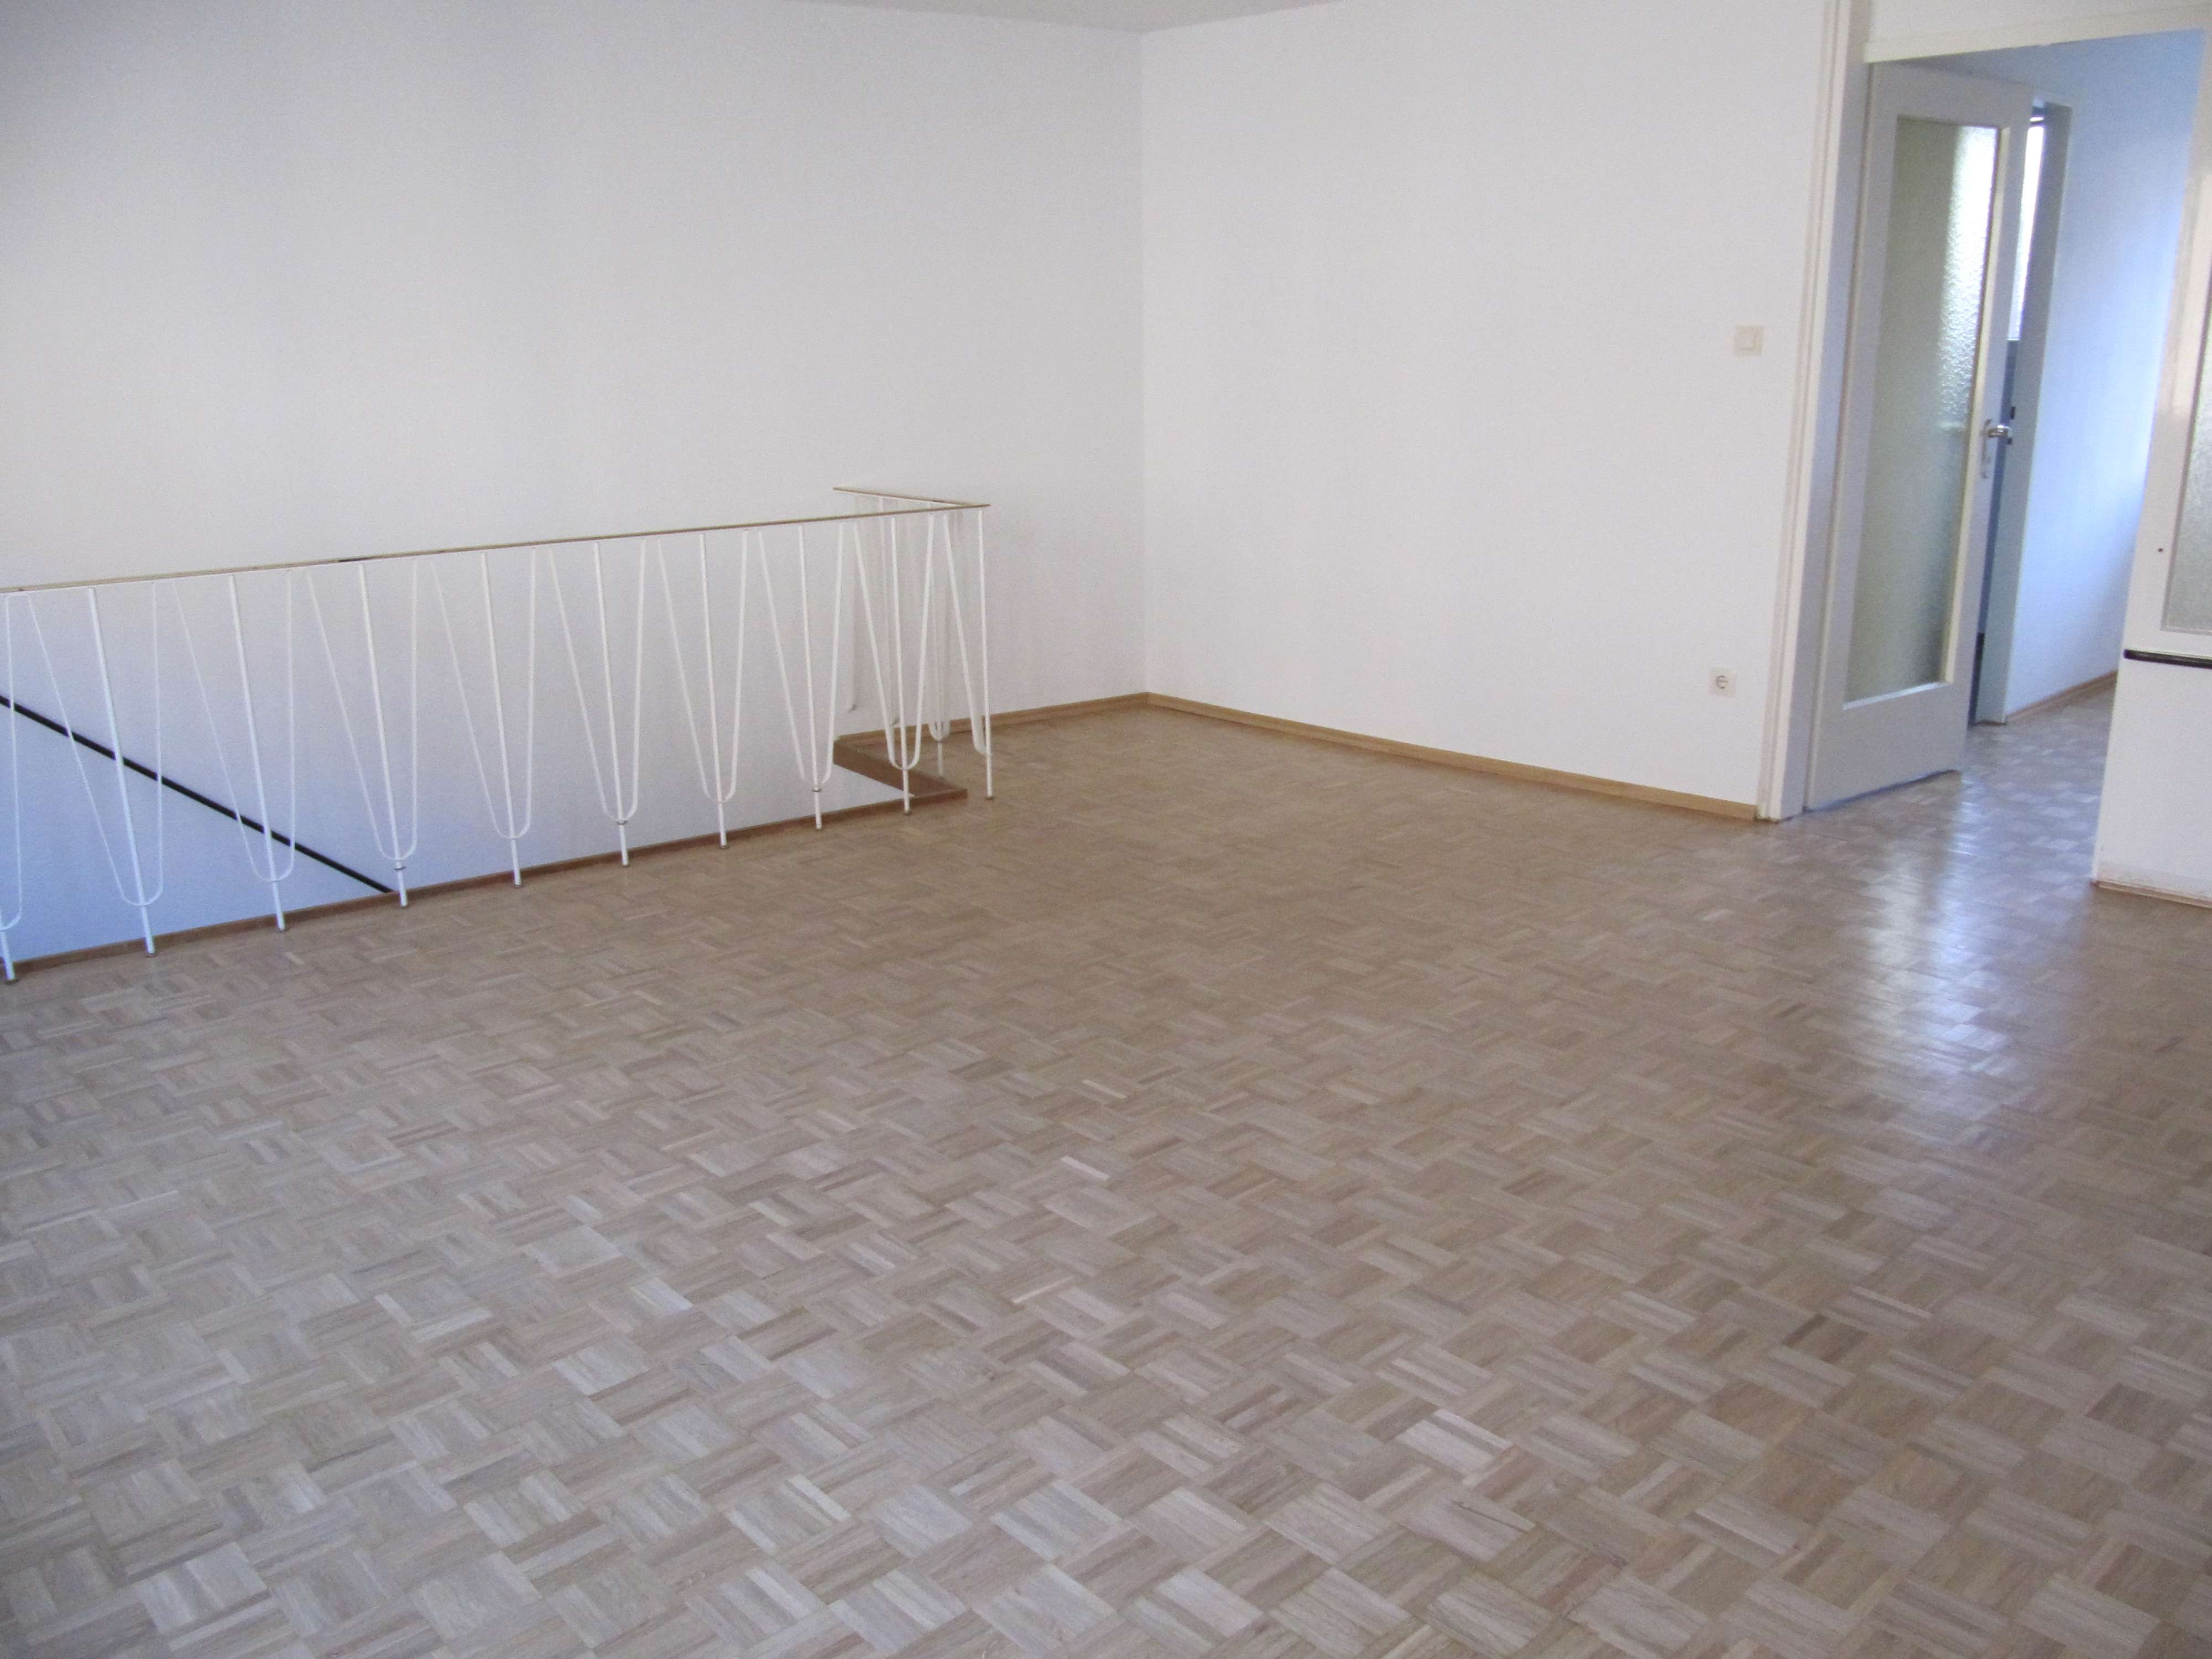 Nähe Uni - Tetzelgasse, 3-Zi-Mais.-Whg. ca. 89 m²,  Balkon, Parkett,  im 2.OG ohne Aufzug in Altstadt, St. Sebald (Nürnberg)